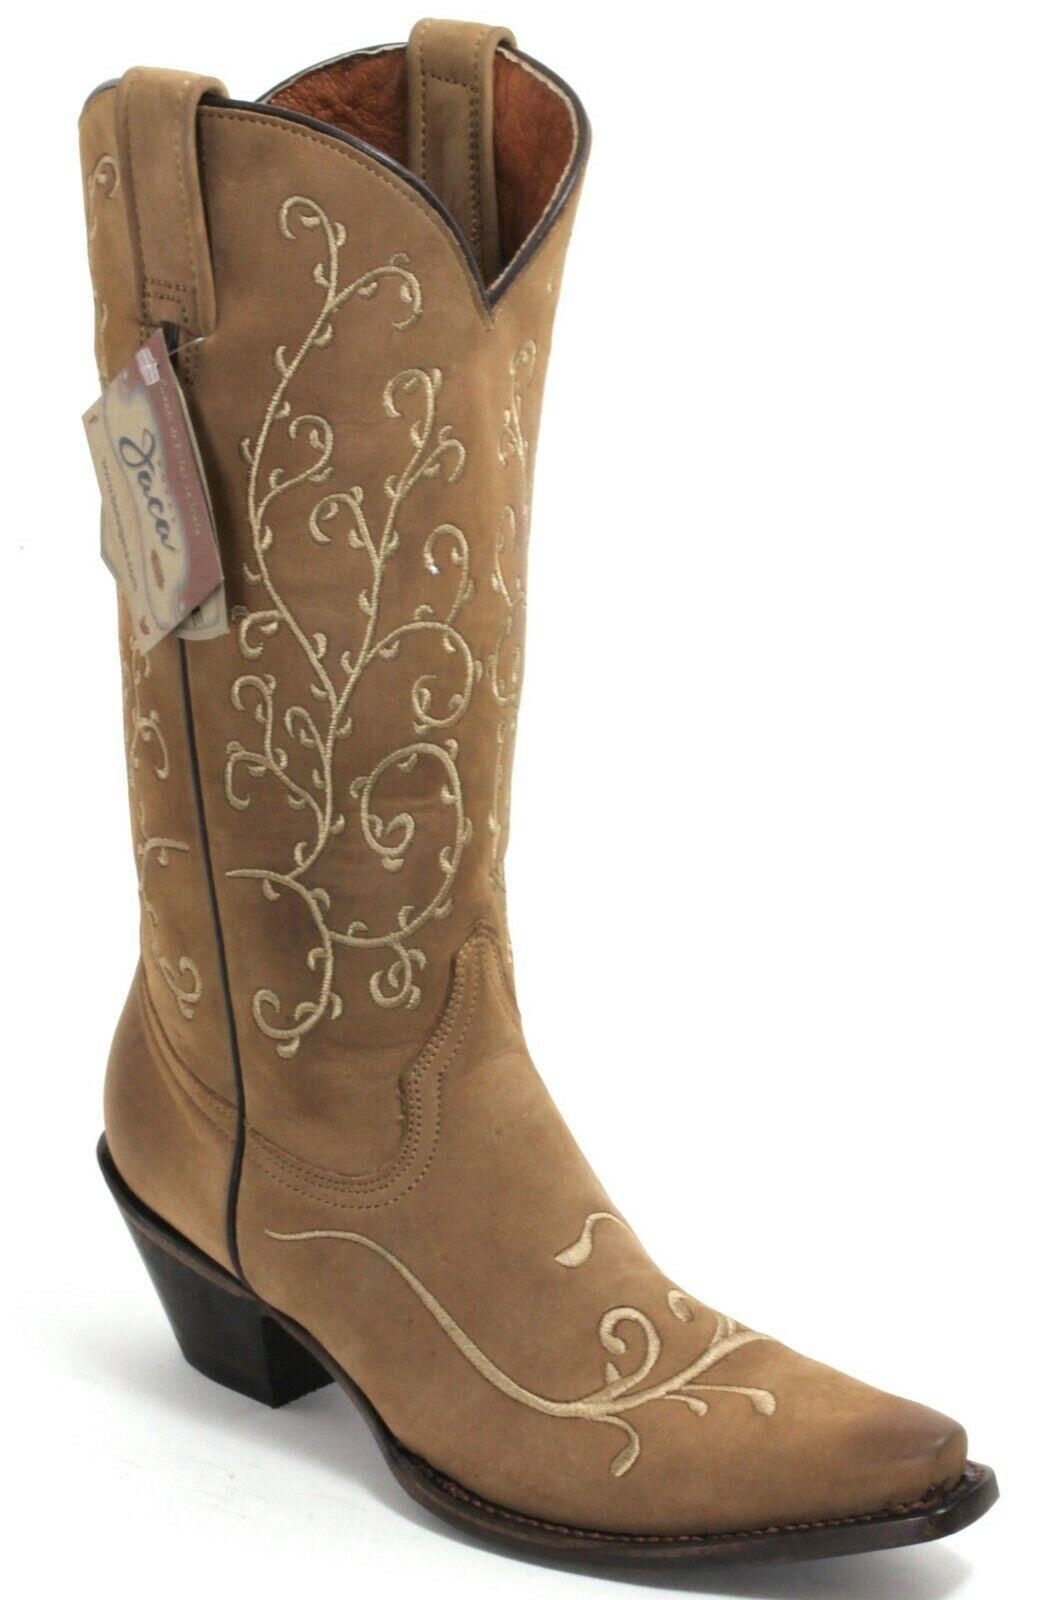 237 Cowboystiefel Westernstiefel Texas Jaca Catalan Style Stiefel Fashion 36